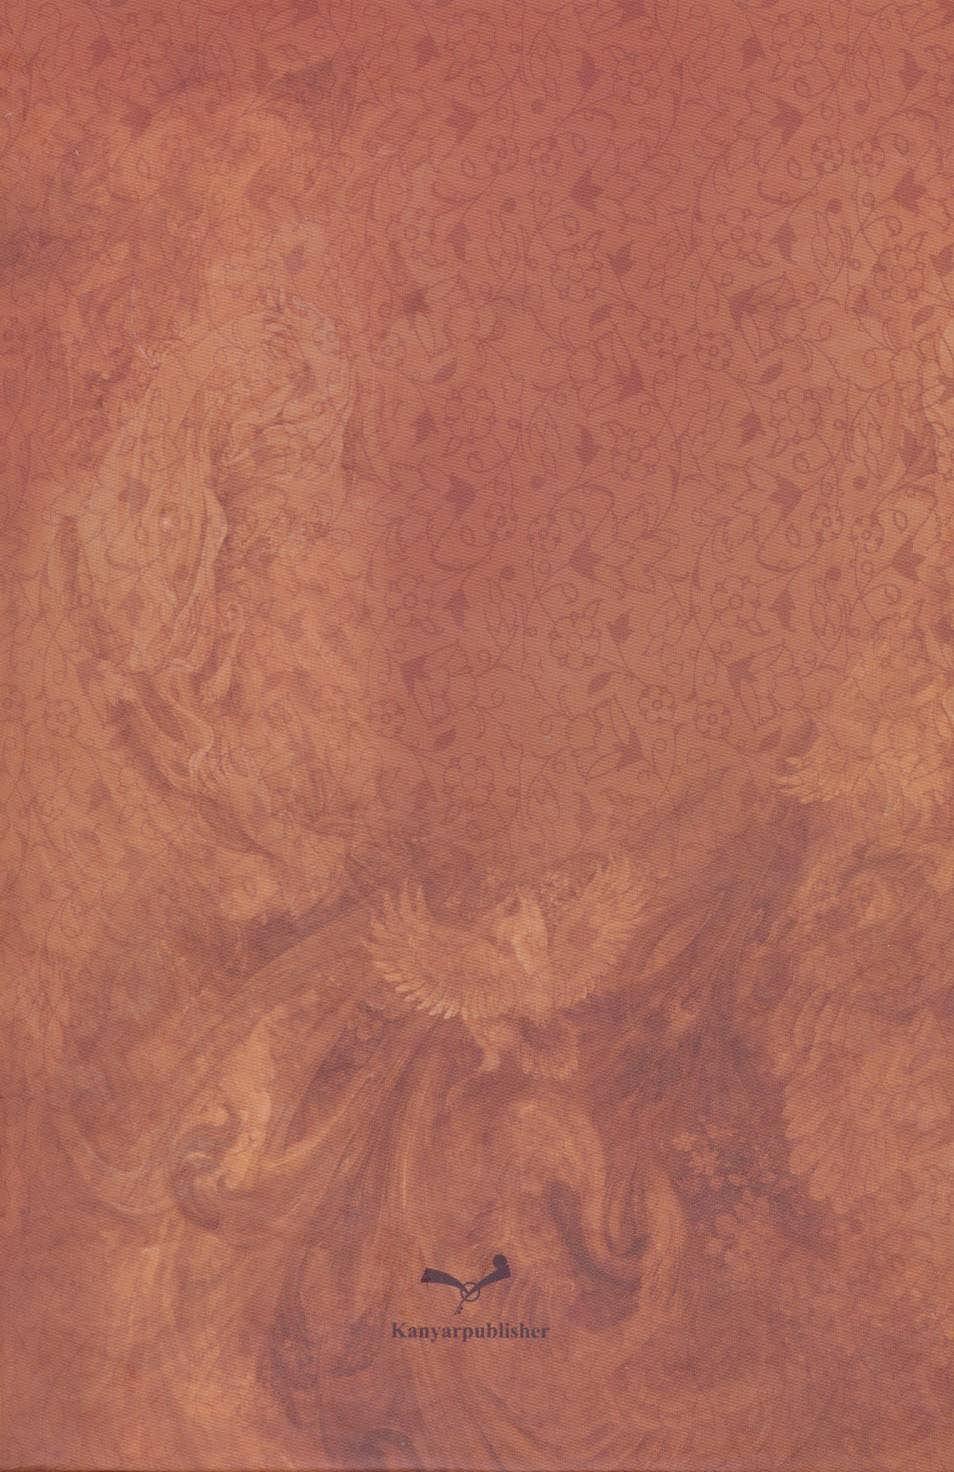 دیوان حافظ (باقاب،لب طلایی)